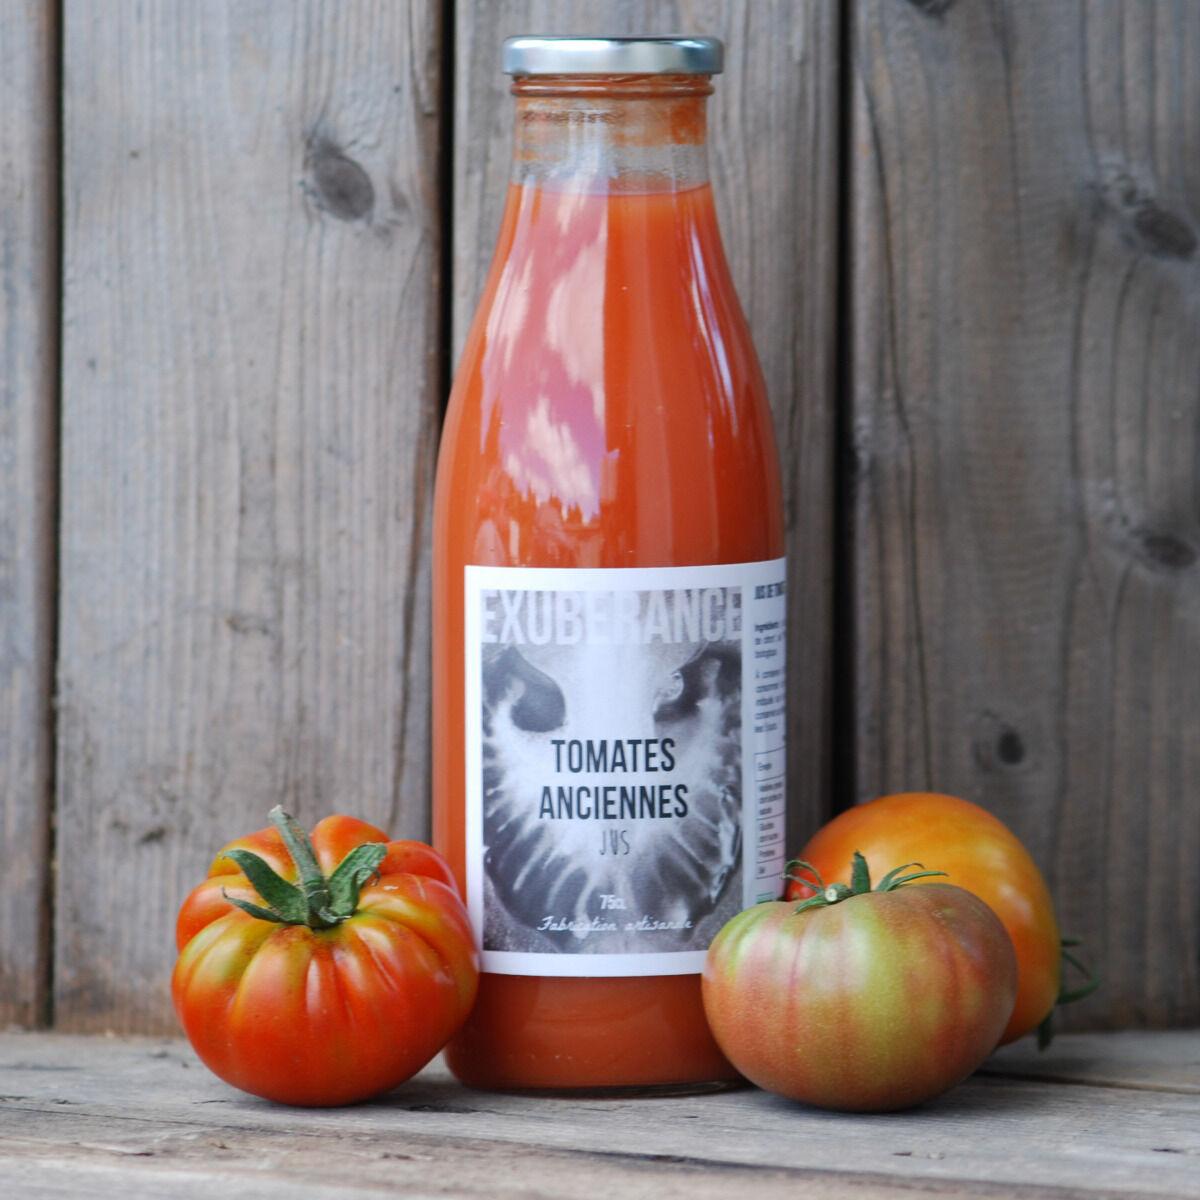 La Boite à Herbes Lot De 6 Jus De Tomate Ancienne - 75cl